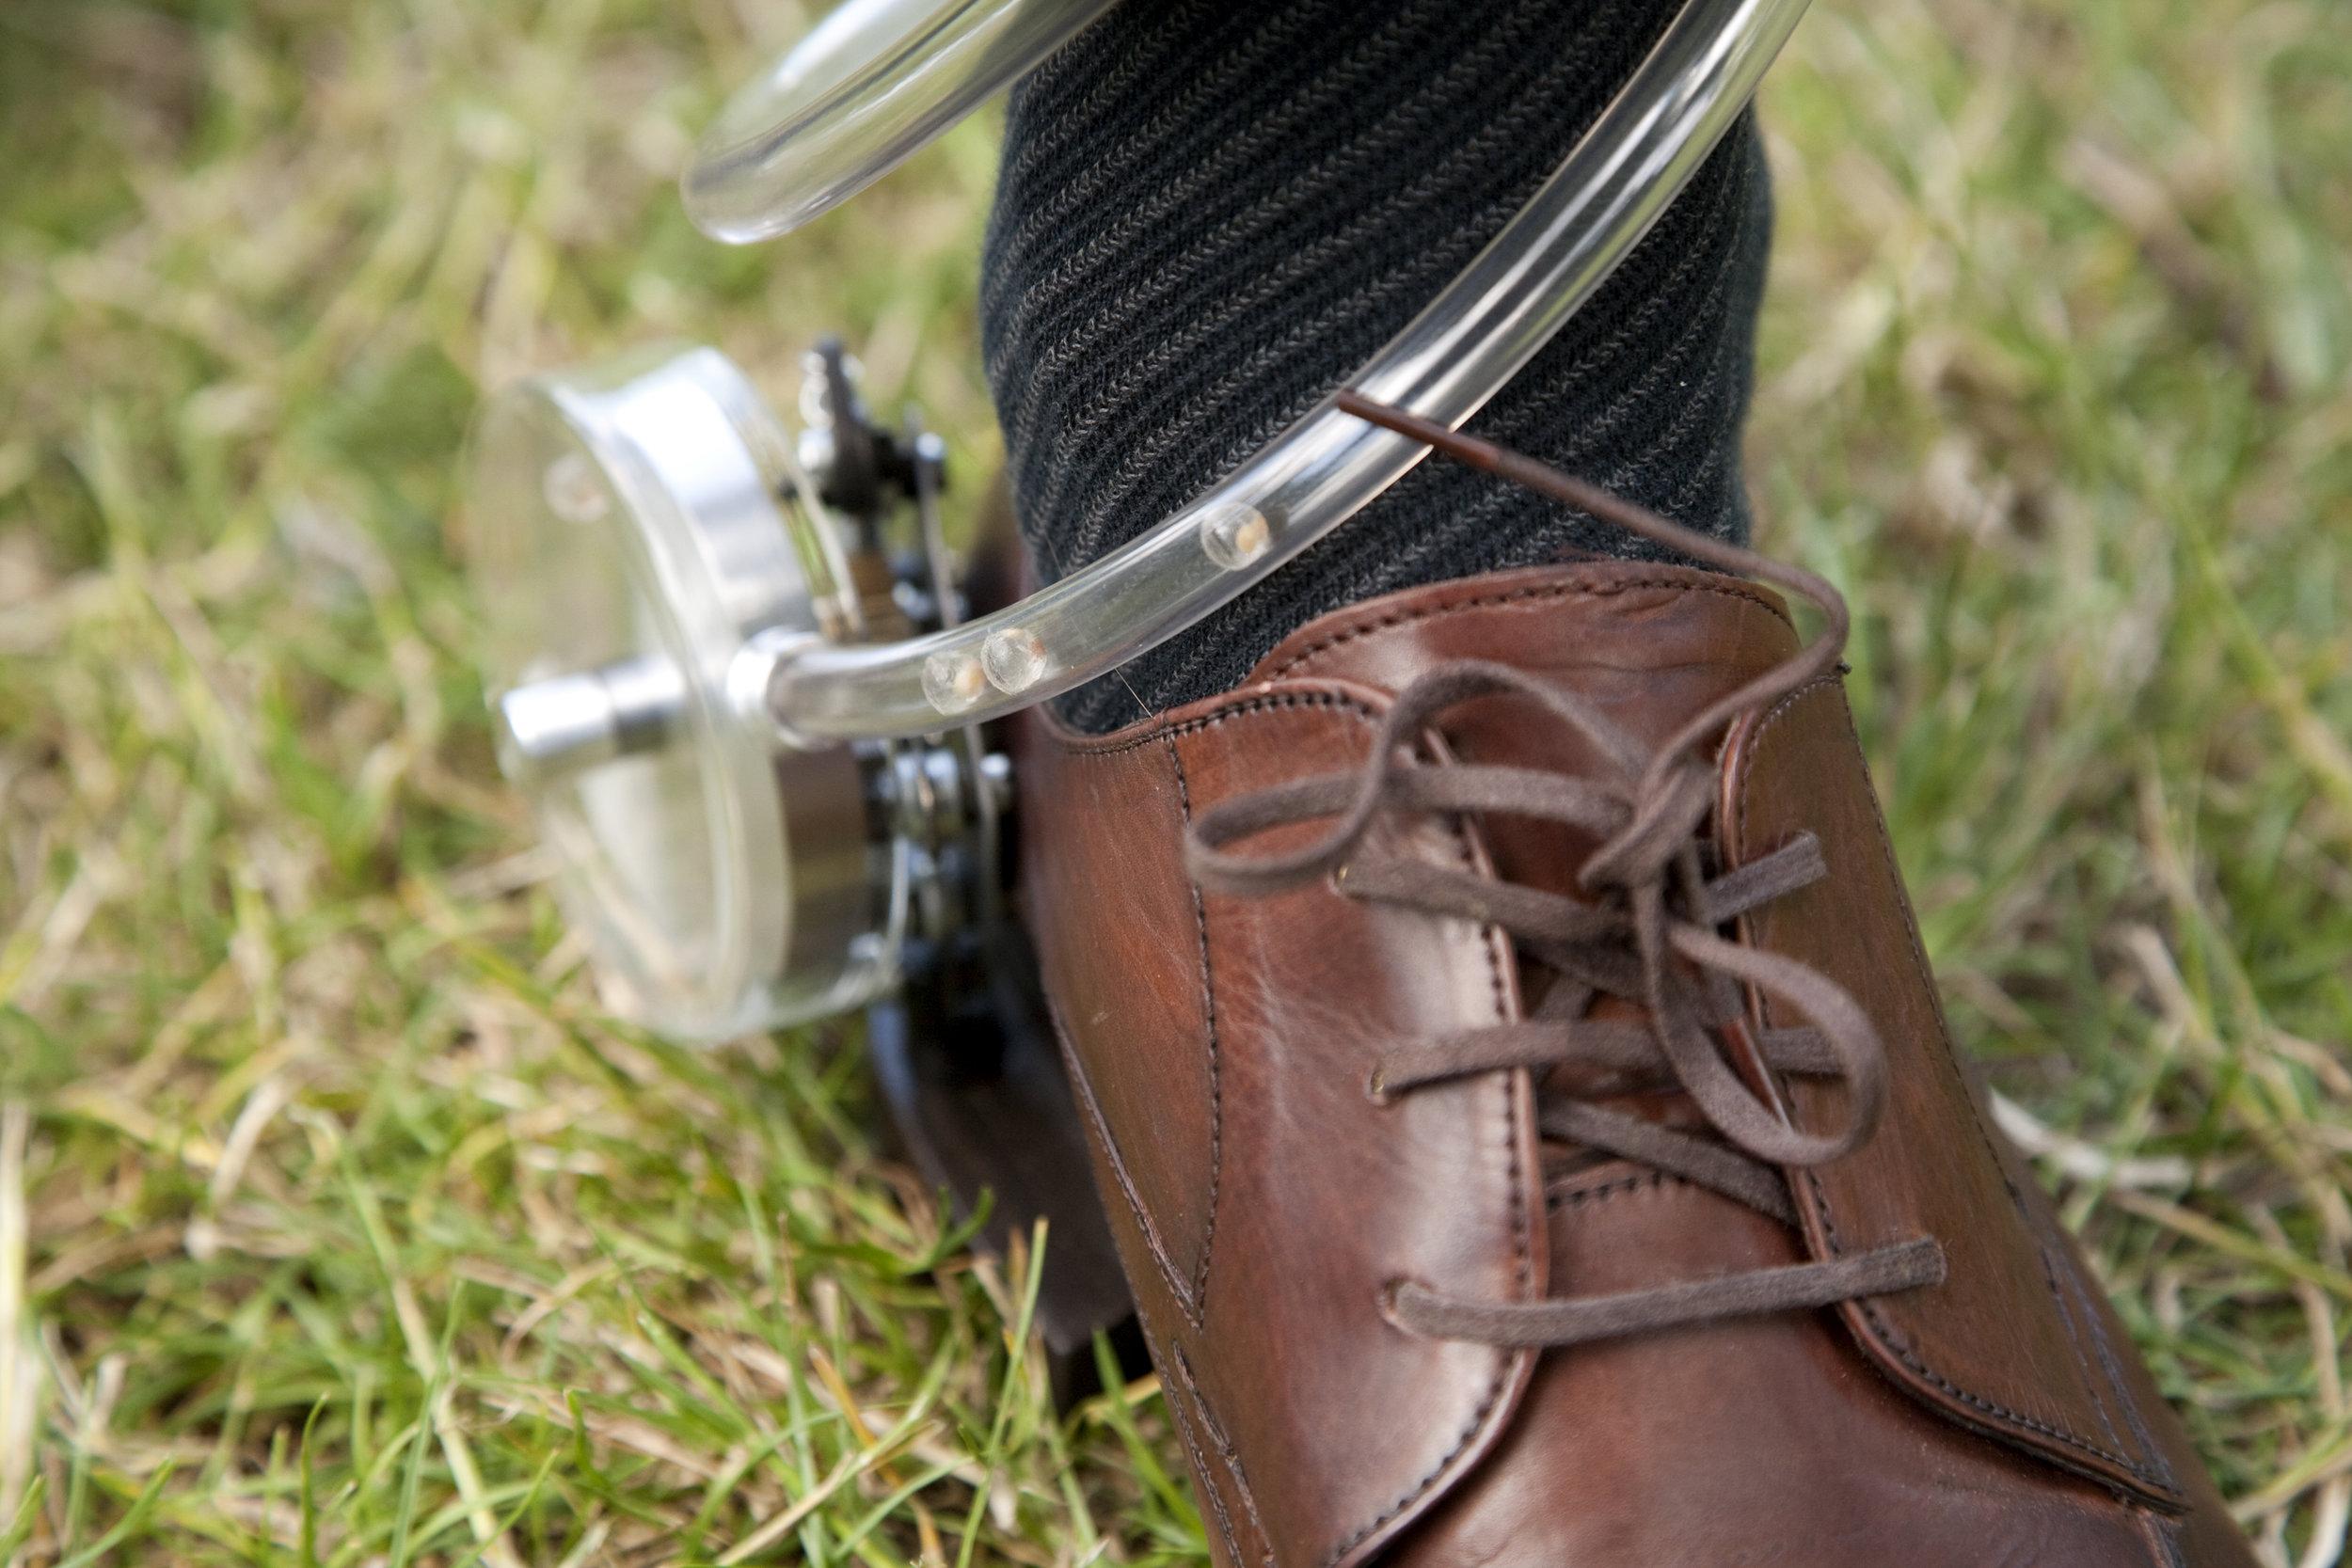 guerillagardening_shoe1.jpg